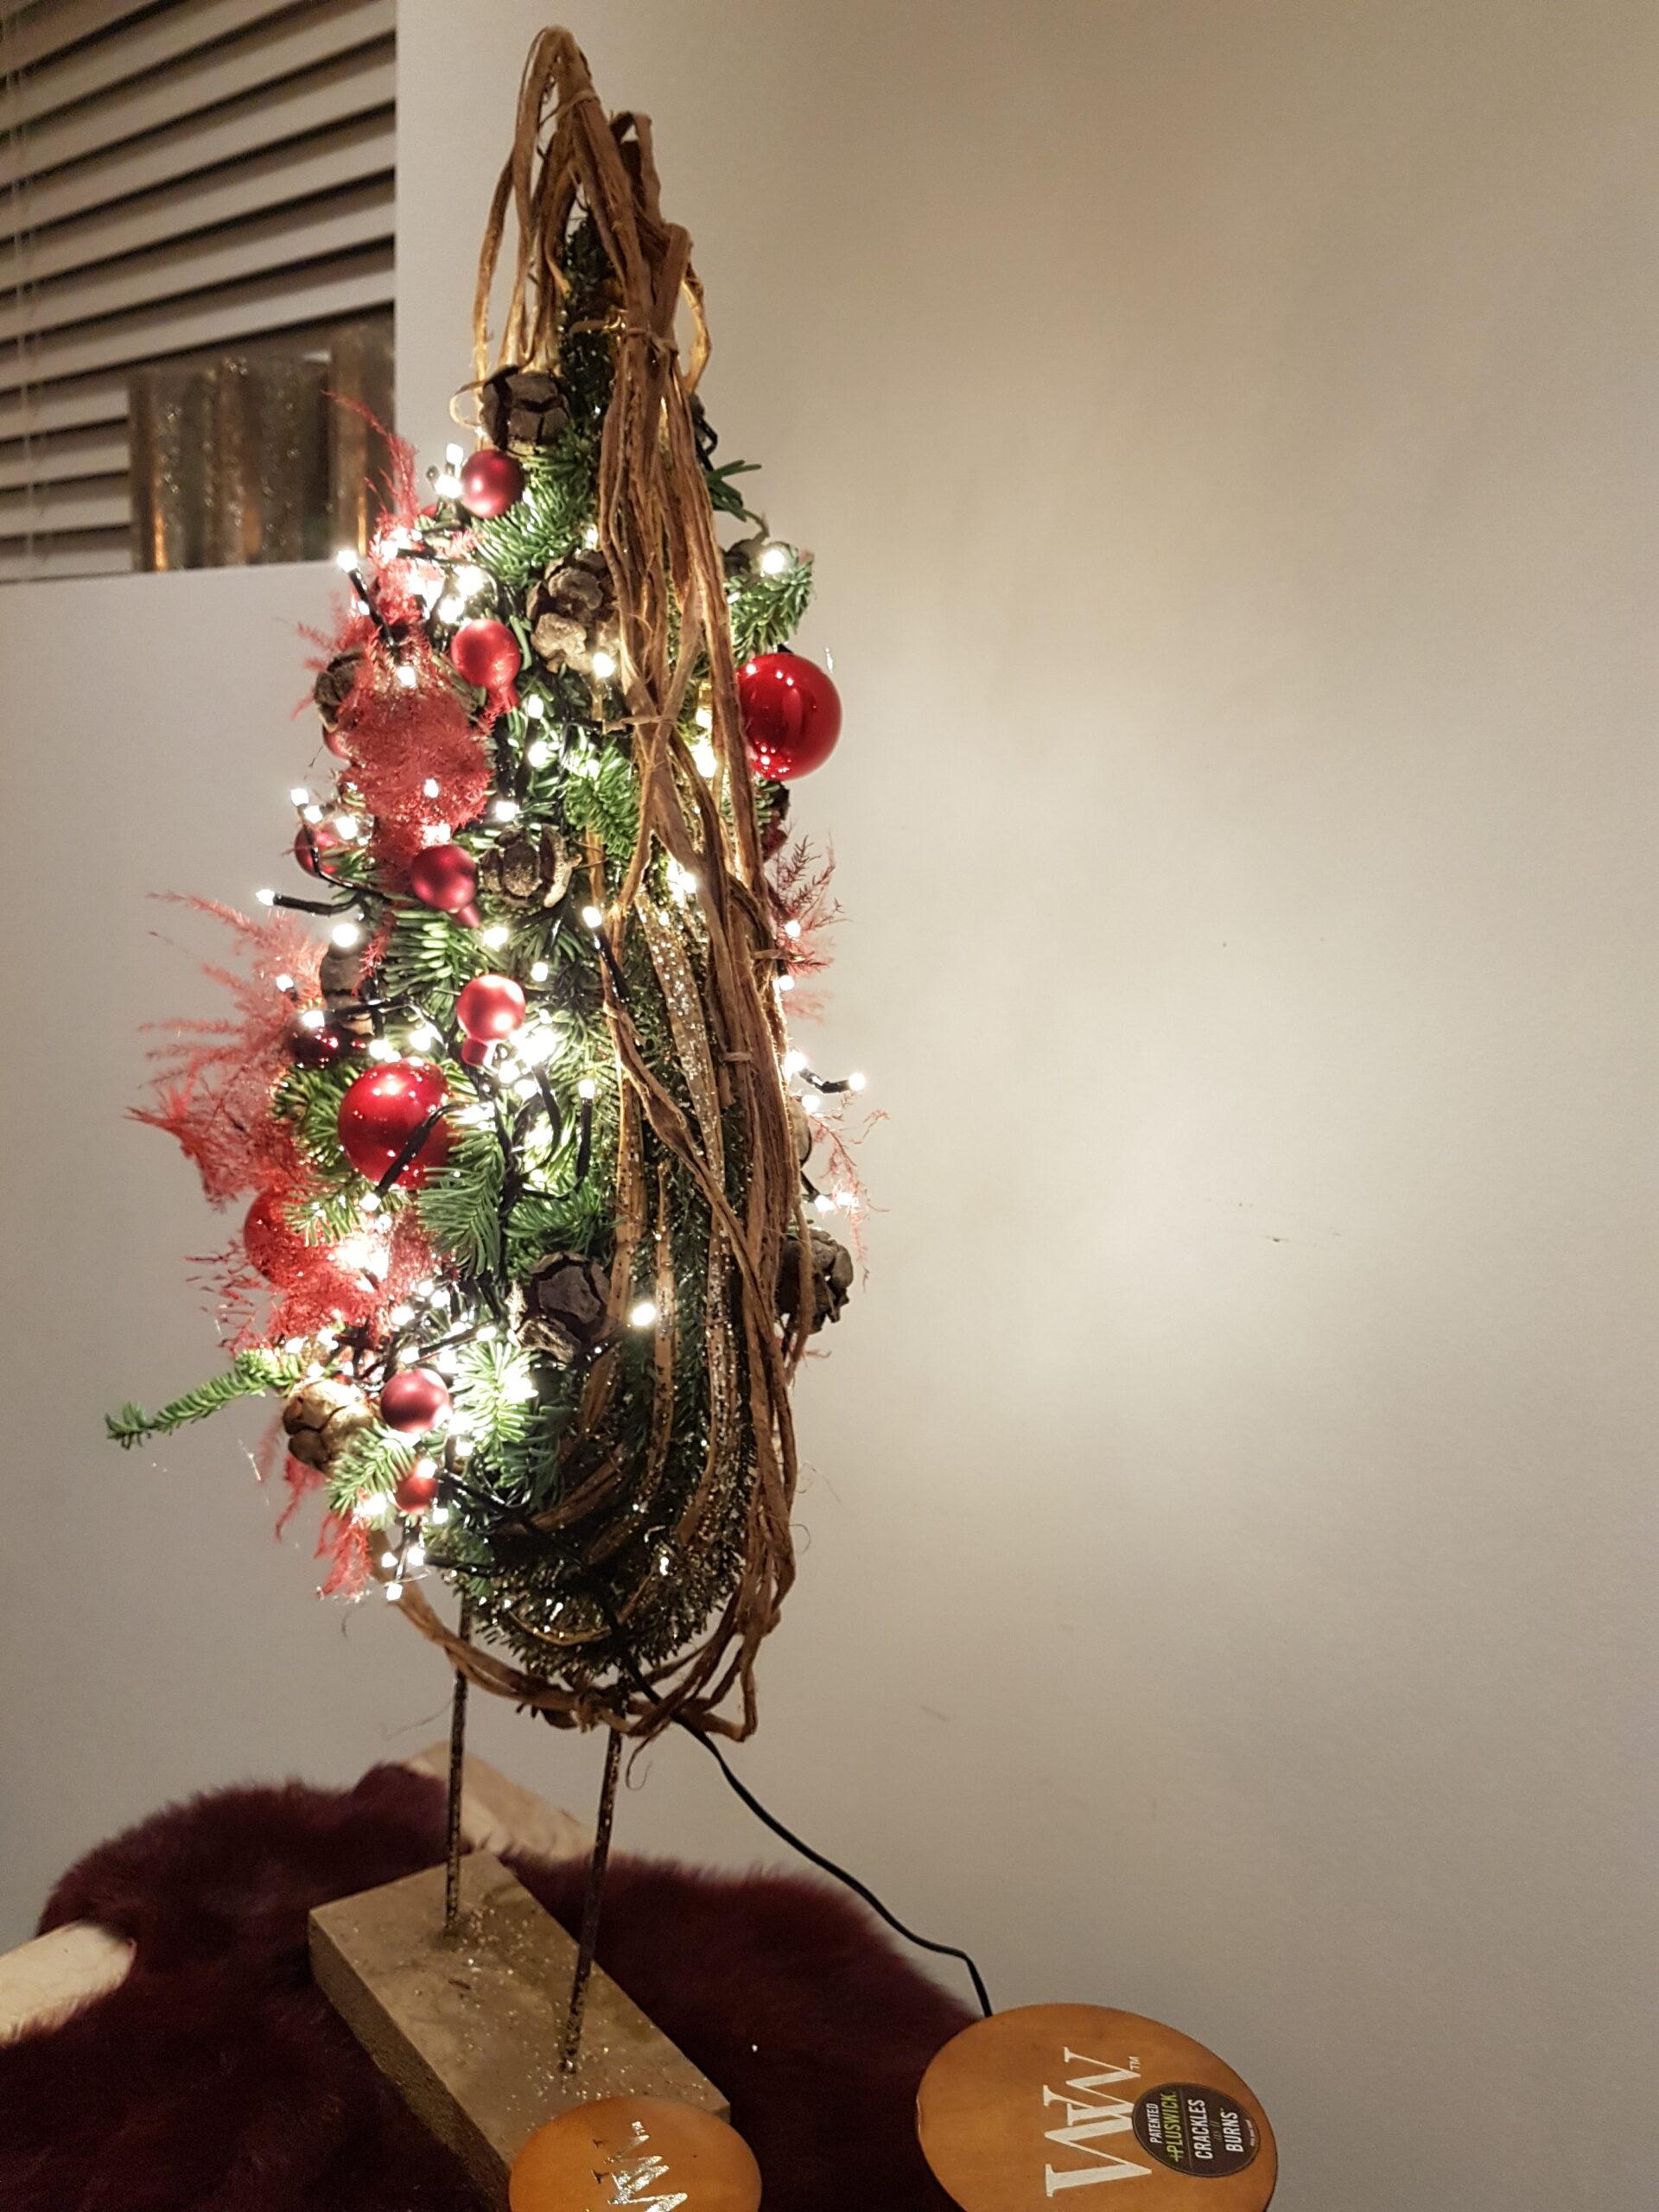 Kerstdecoratie Indoor. Verkrijgbaar kant en klaar of maak het zelf thuis in gezelschap van uw bubbel met de doe het zelf pakketjes. Komt allebei op 45 euro. Bestel jullie stuk op het nr 050.69.41.46 of kom langs in de winkel. Kleuren keuze rood, goud, brons, zilver of oud roze.-workshop-puur-fleur